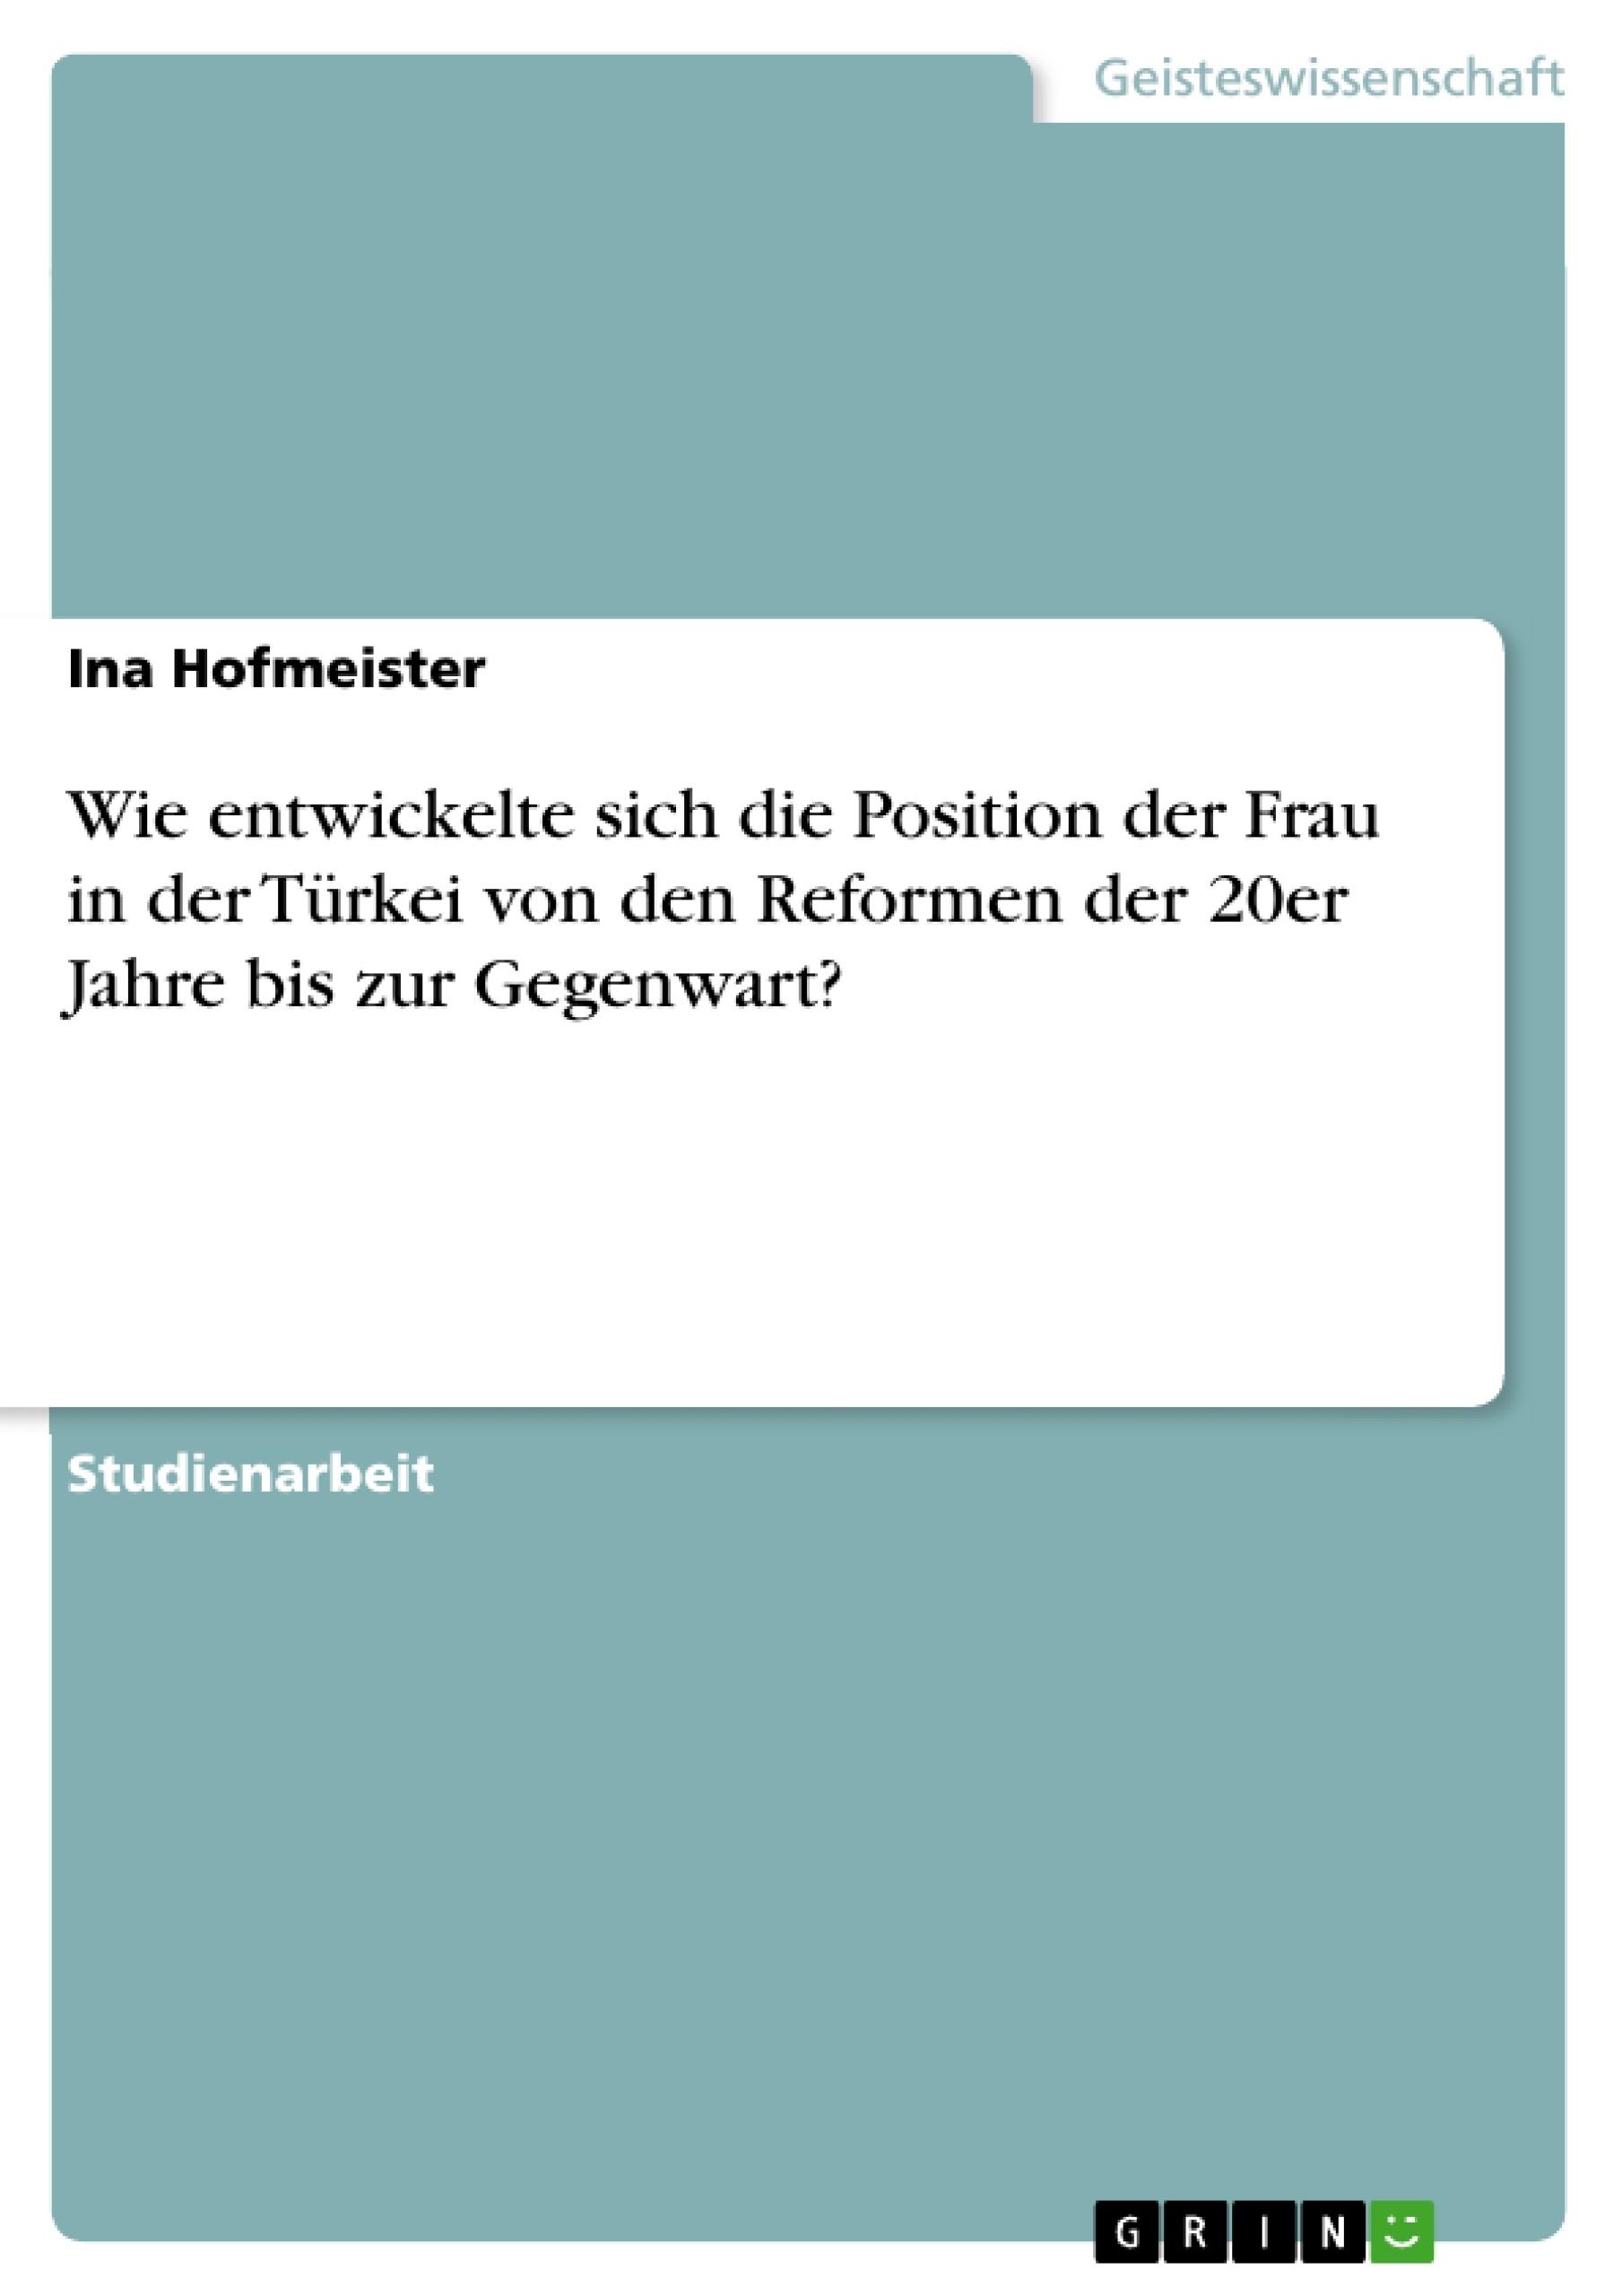 Titel: Wie entwickelte sich die Position der Frau in der Türkei von den Reformen der 20er Jahre bis zur Gegenwart?